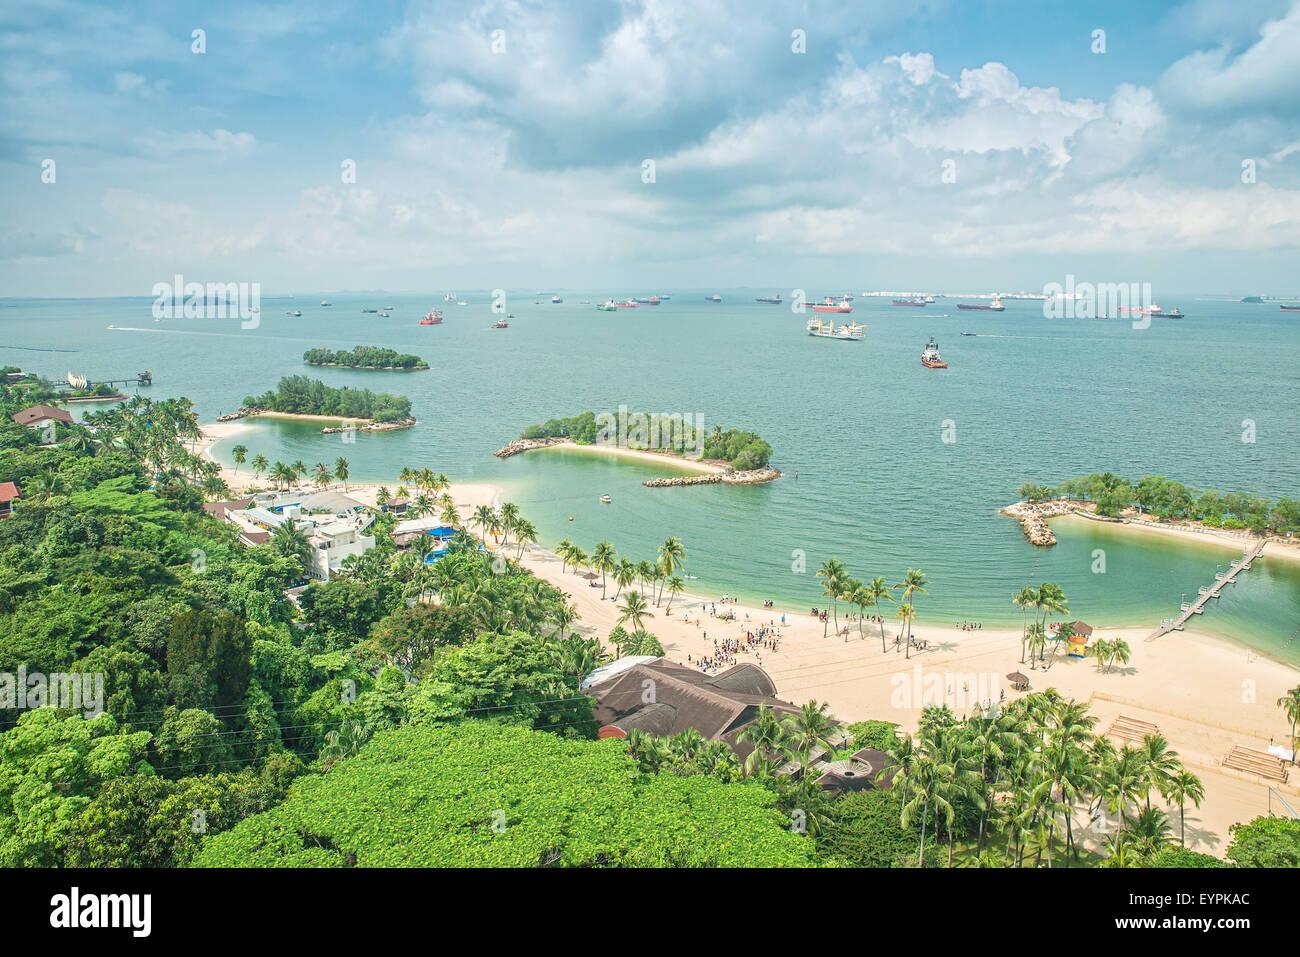 Vista aérea de la playa, en la isla de Sentosa, Singapur Imagen De Stock